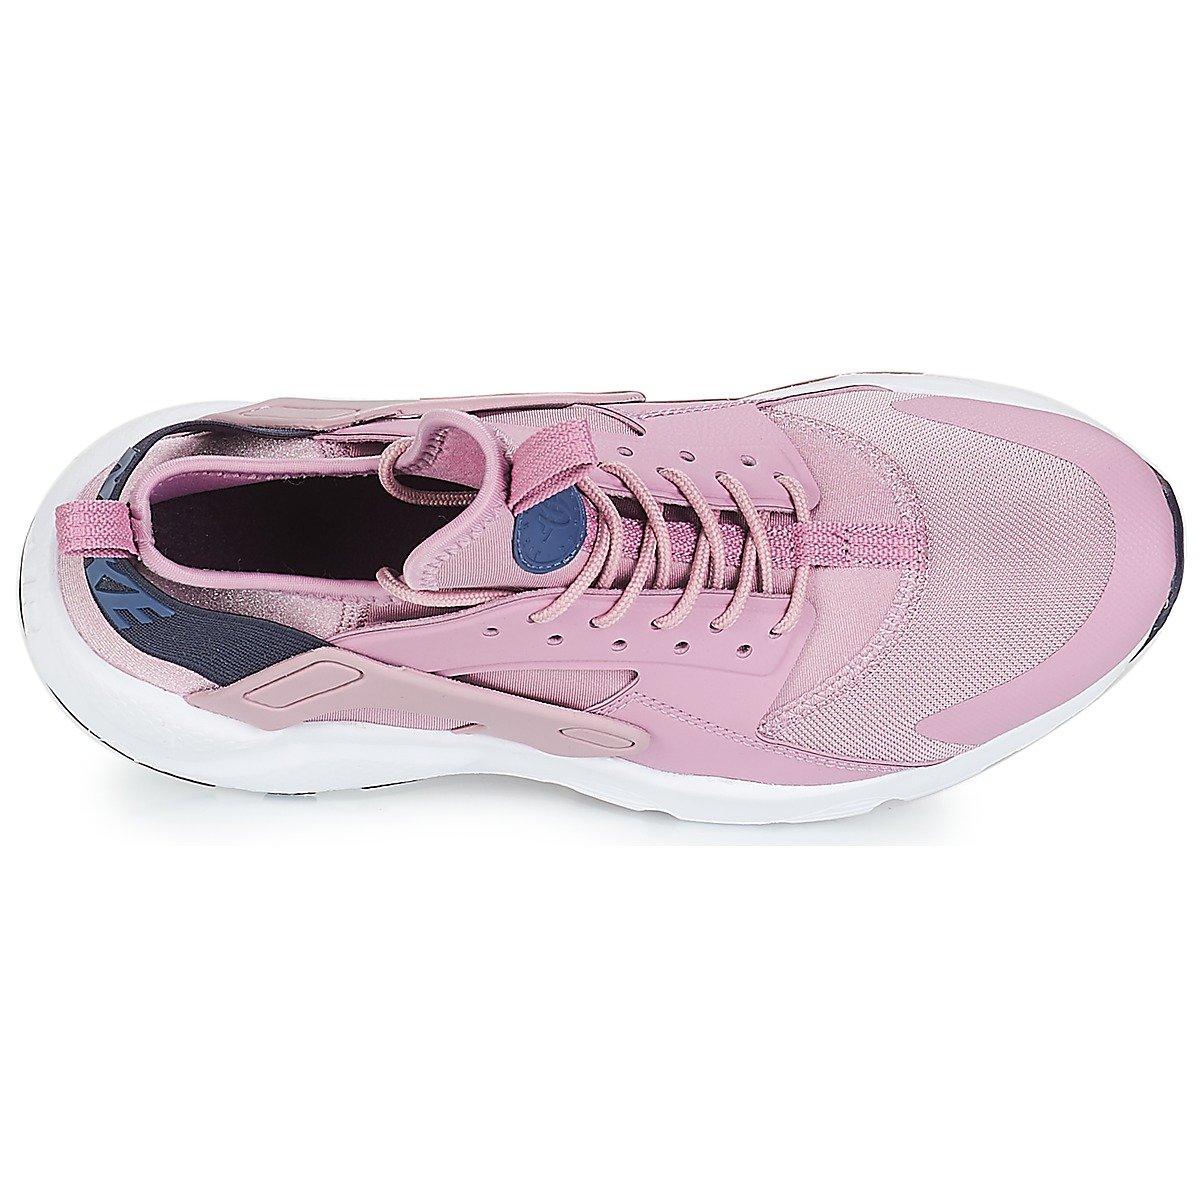 10367ec9c539 Nike Women s Air Huarache Run Ultra Gs Competition Shoes  Amazon.co.uk   Shoes   Bags